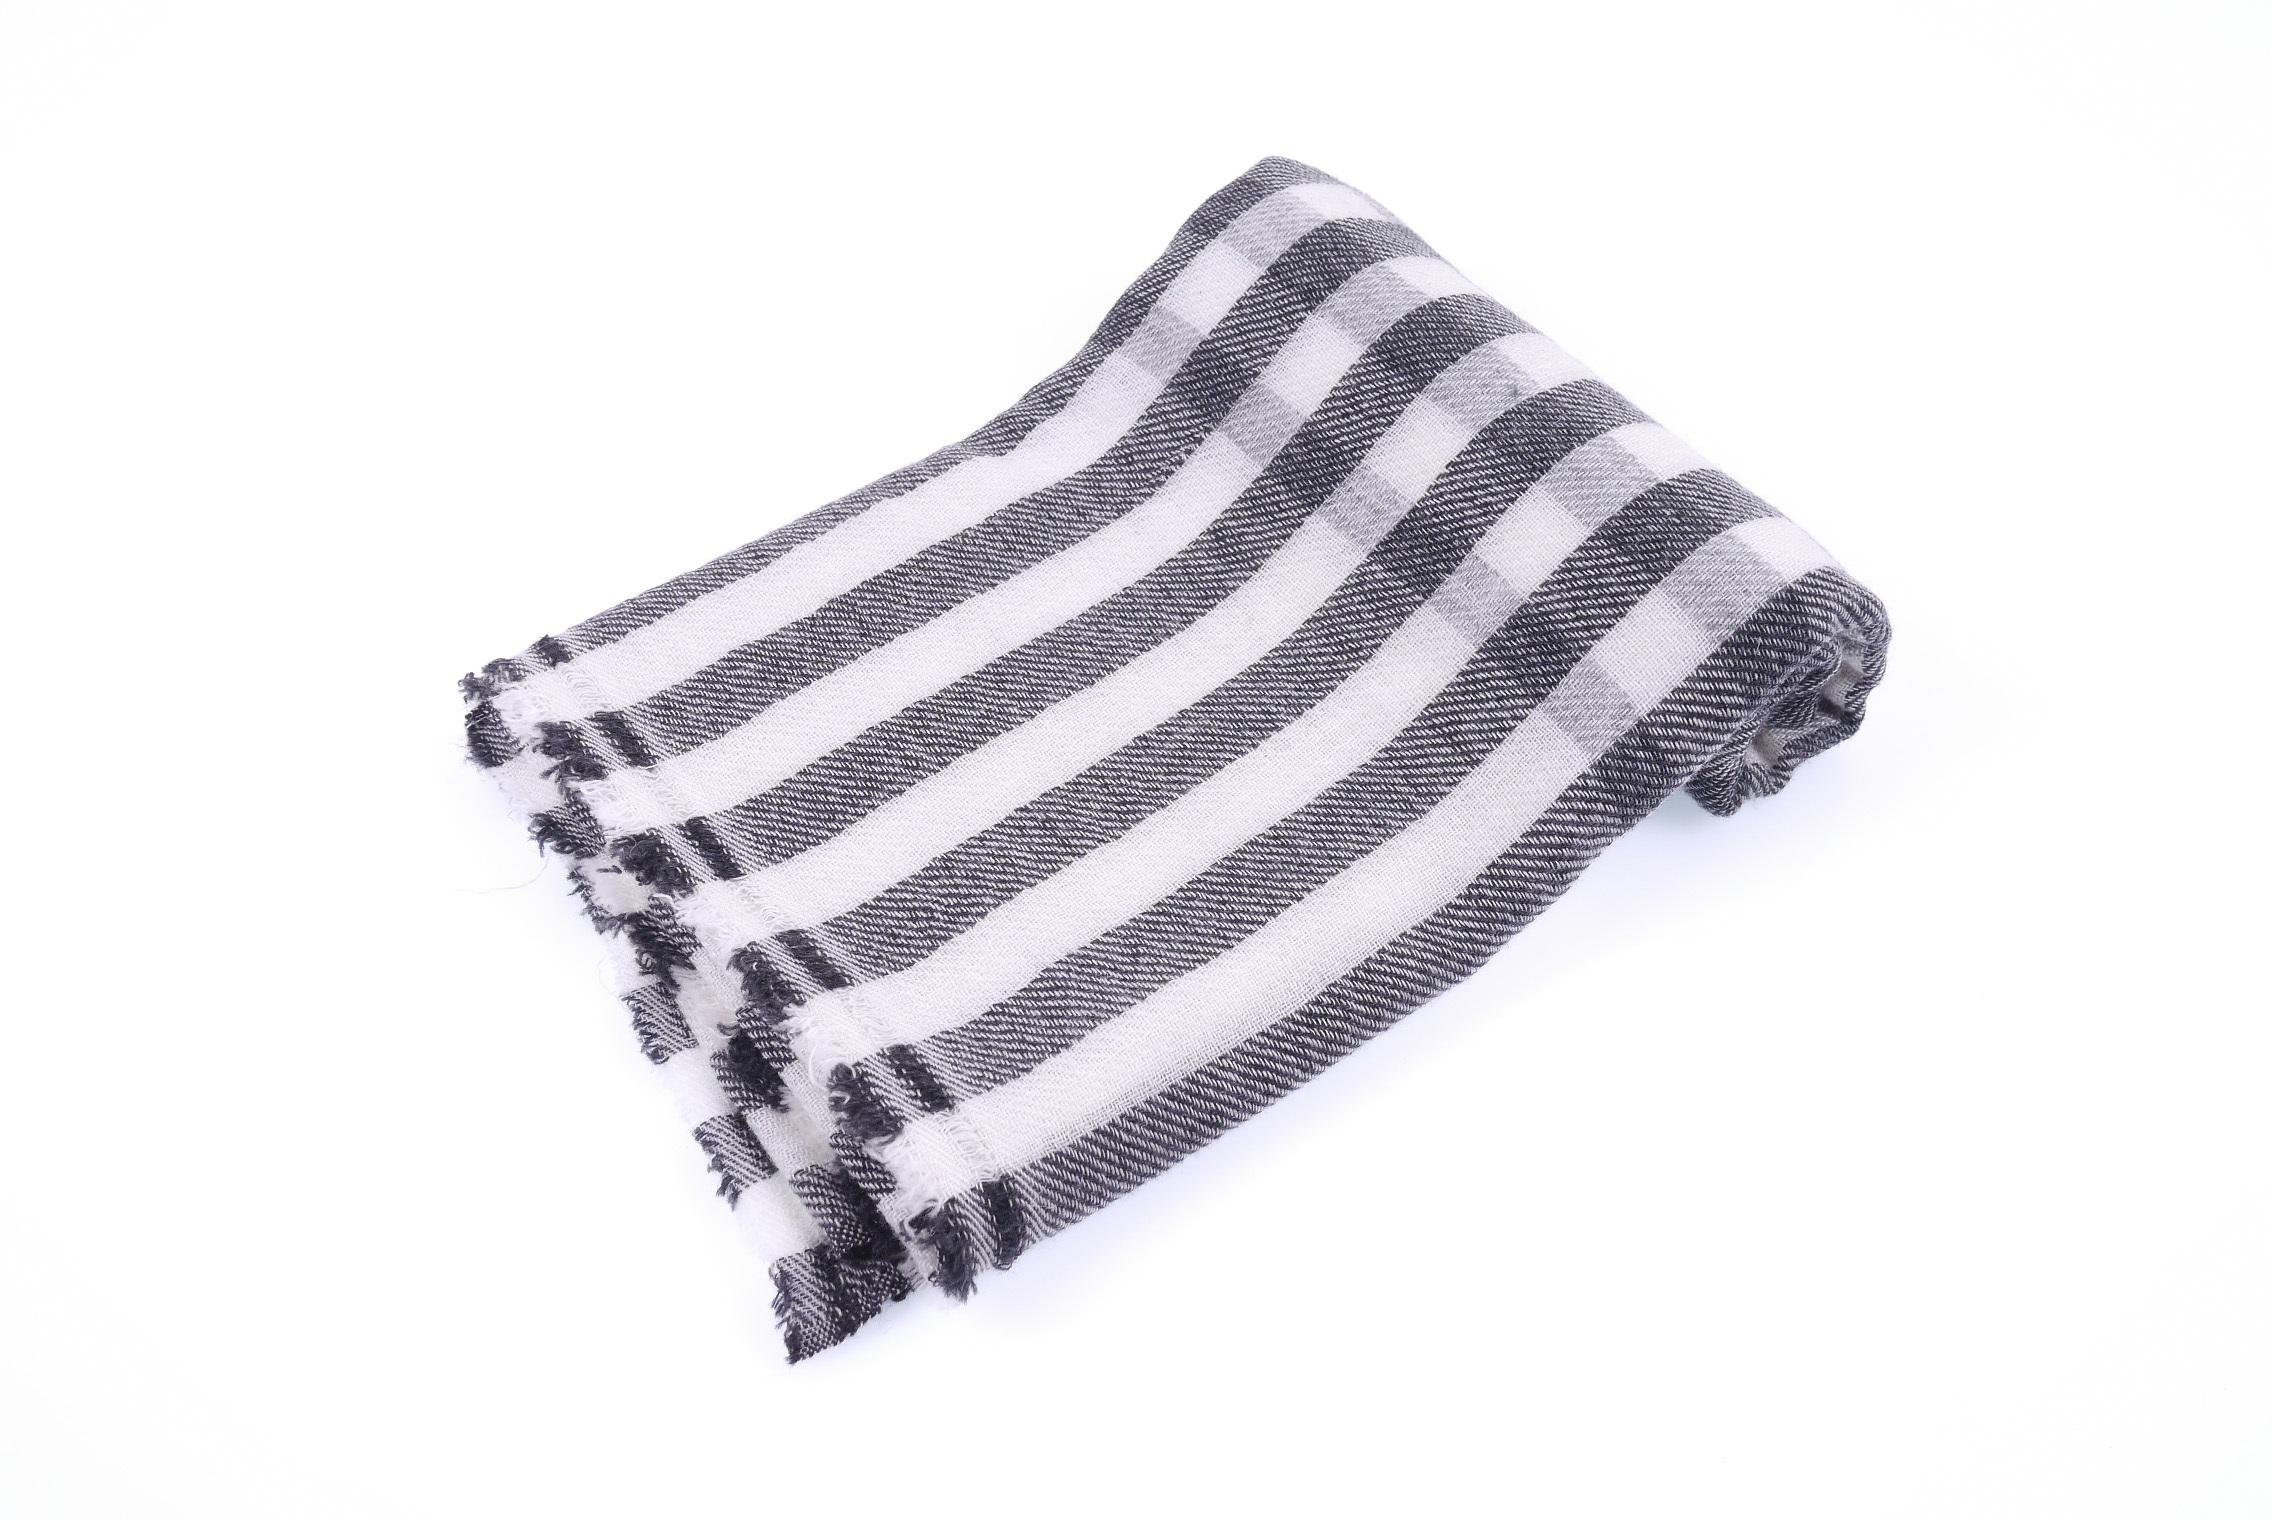 zh喀什米爾圍巾BQCASF042104-2.jpg